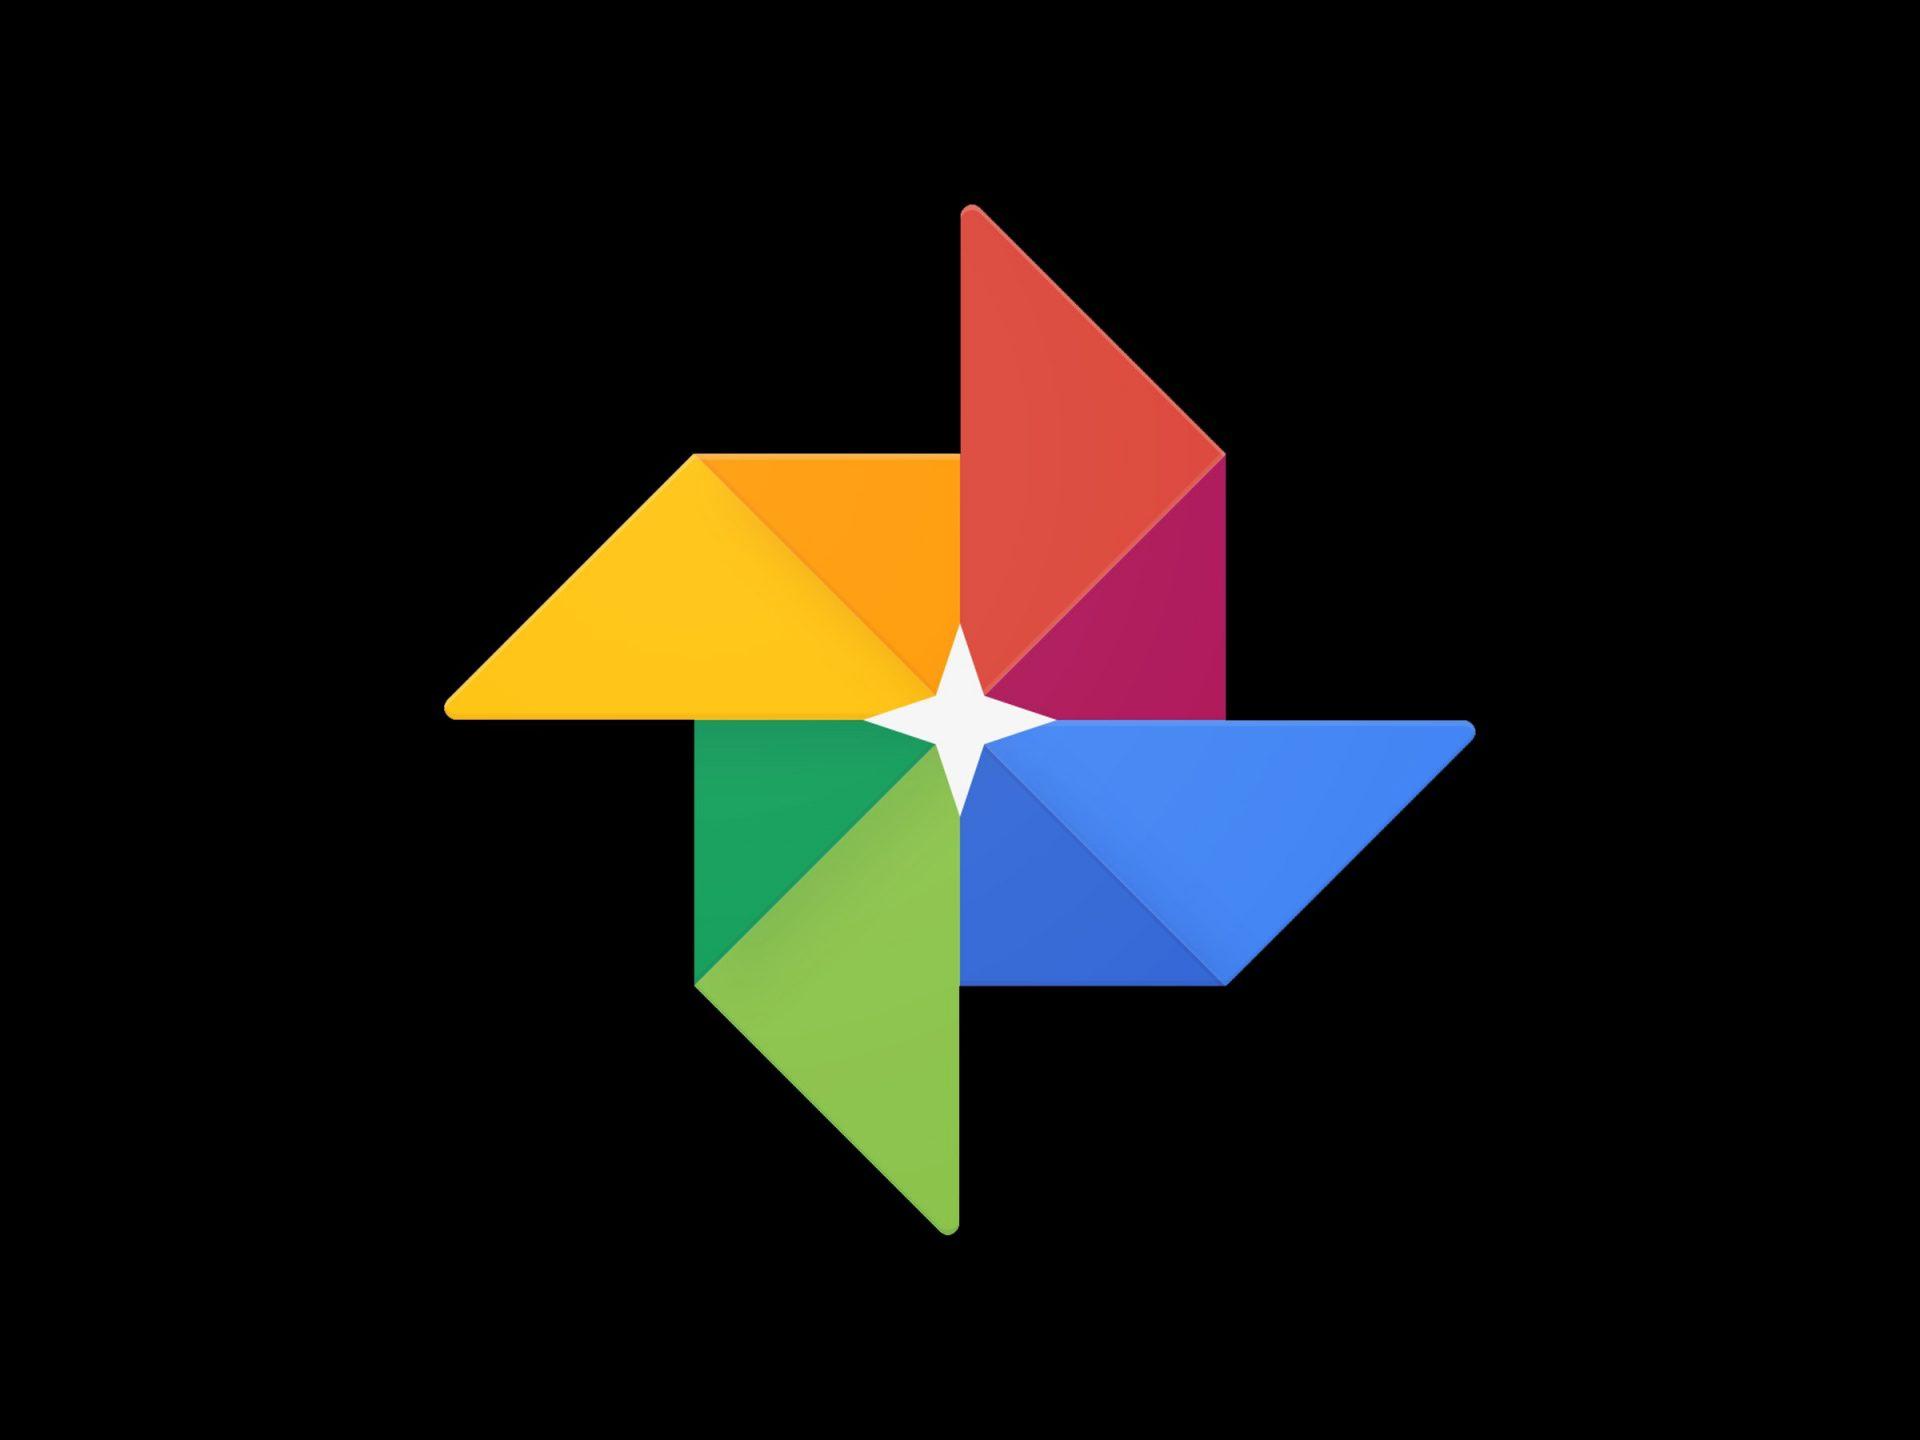 Google Foto si rinnova grazie al nuovo tema scuro